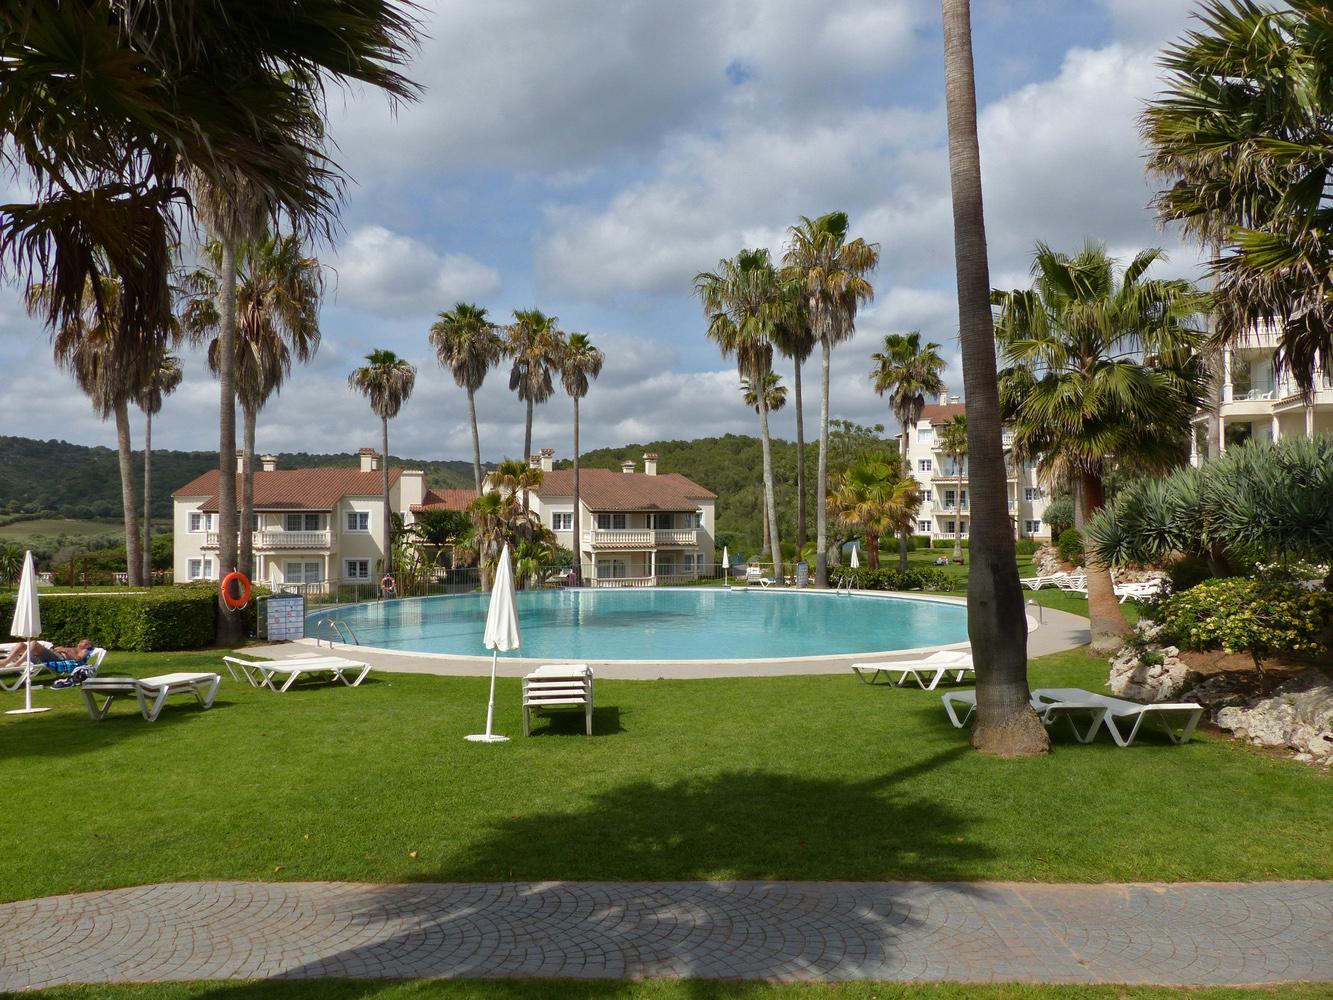 Son bou jardin de menorca hotel 20170510 154724 07 rolf maltas website - Jardin de menorca ...